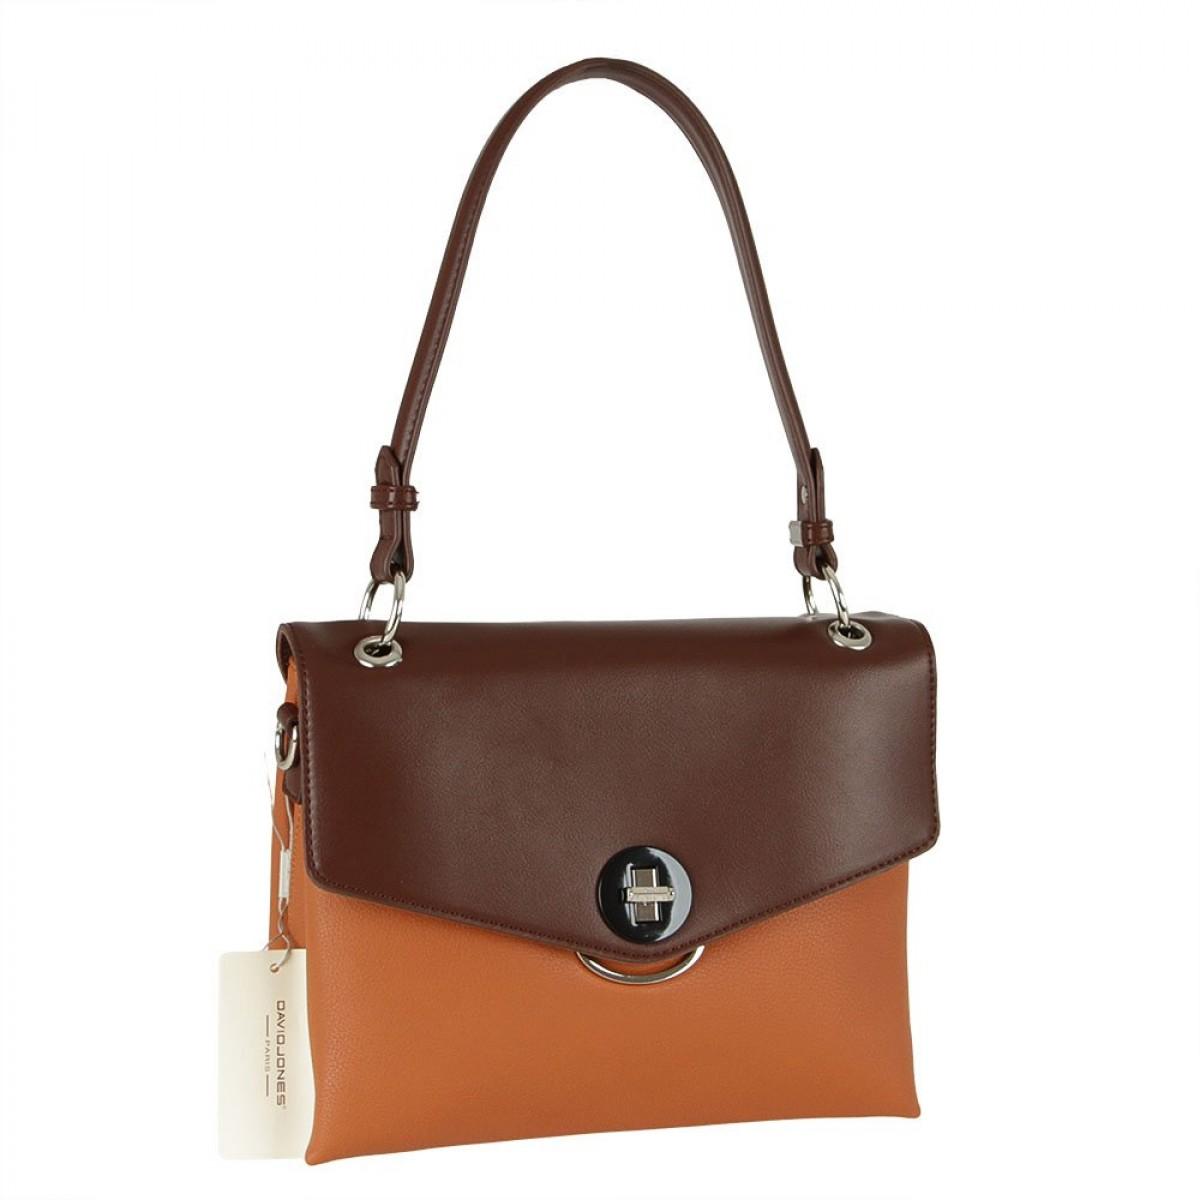 Жіноча сумка David Jones 6414-2 COGNAC